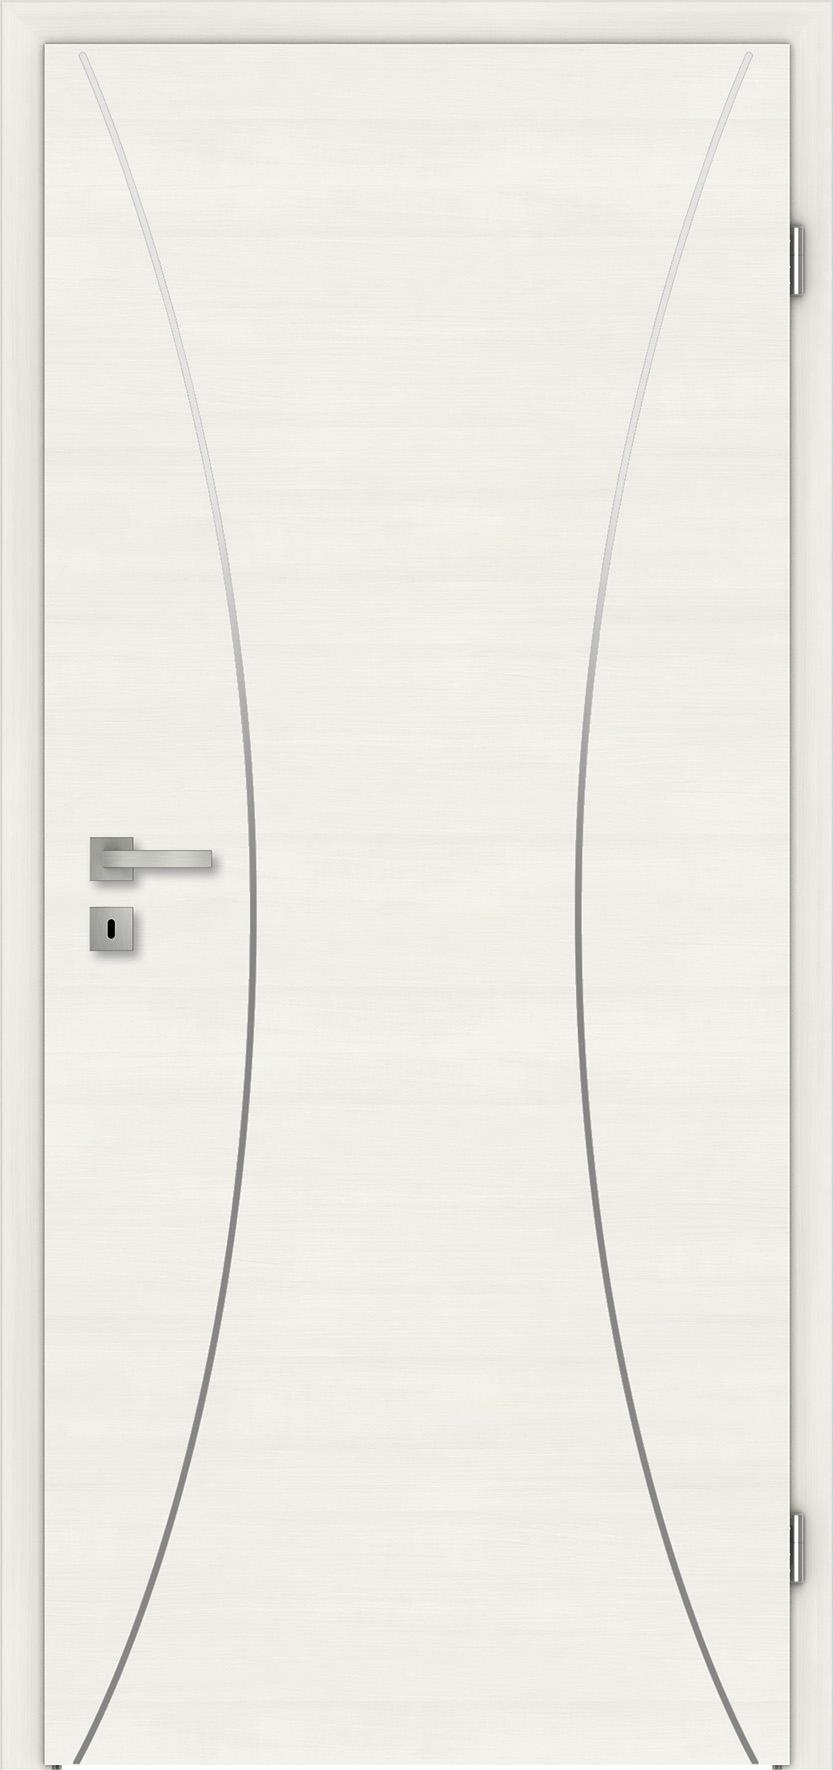 RY-535-DQ_CPL Touch Whiteline DQ